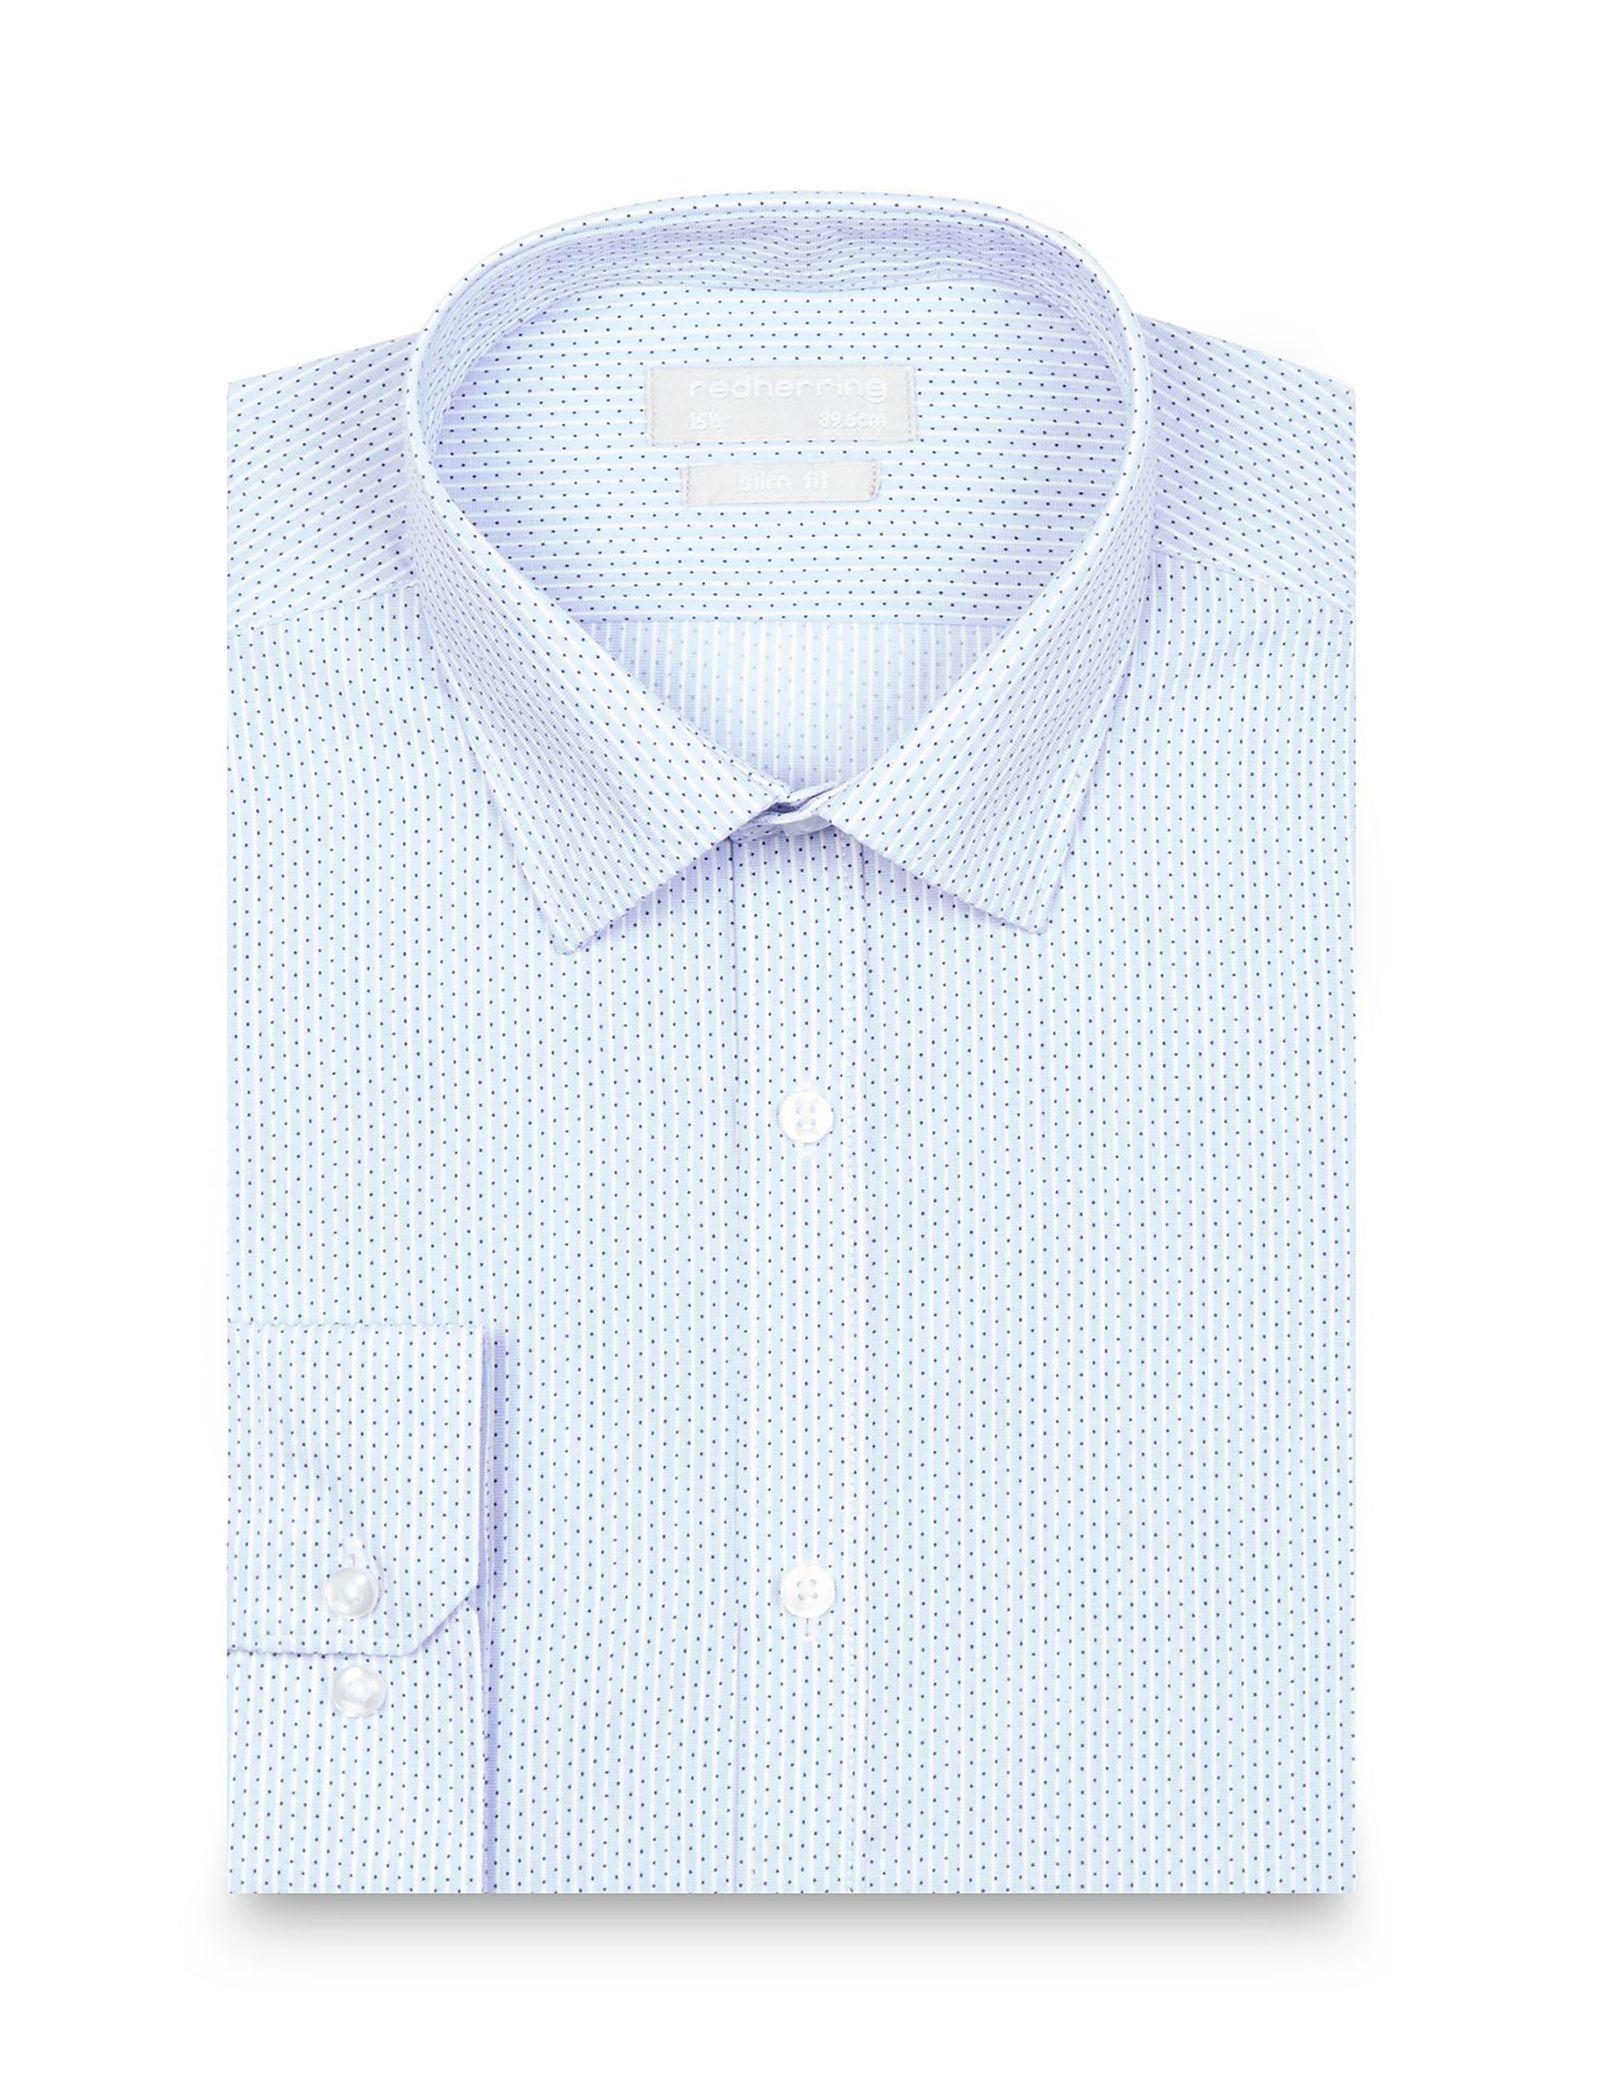 پیراهن رسمی مردانه - رد هرینگ - آبي روشن - 6